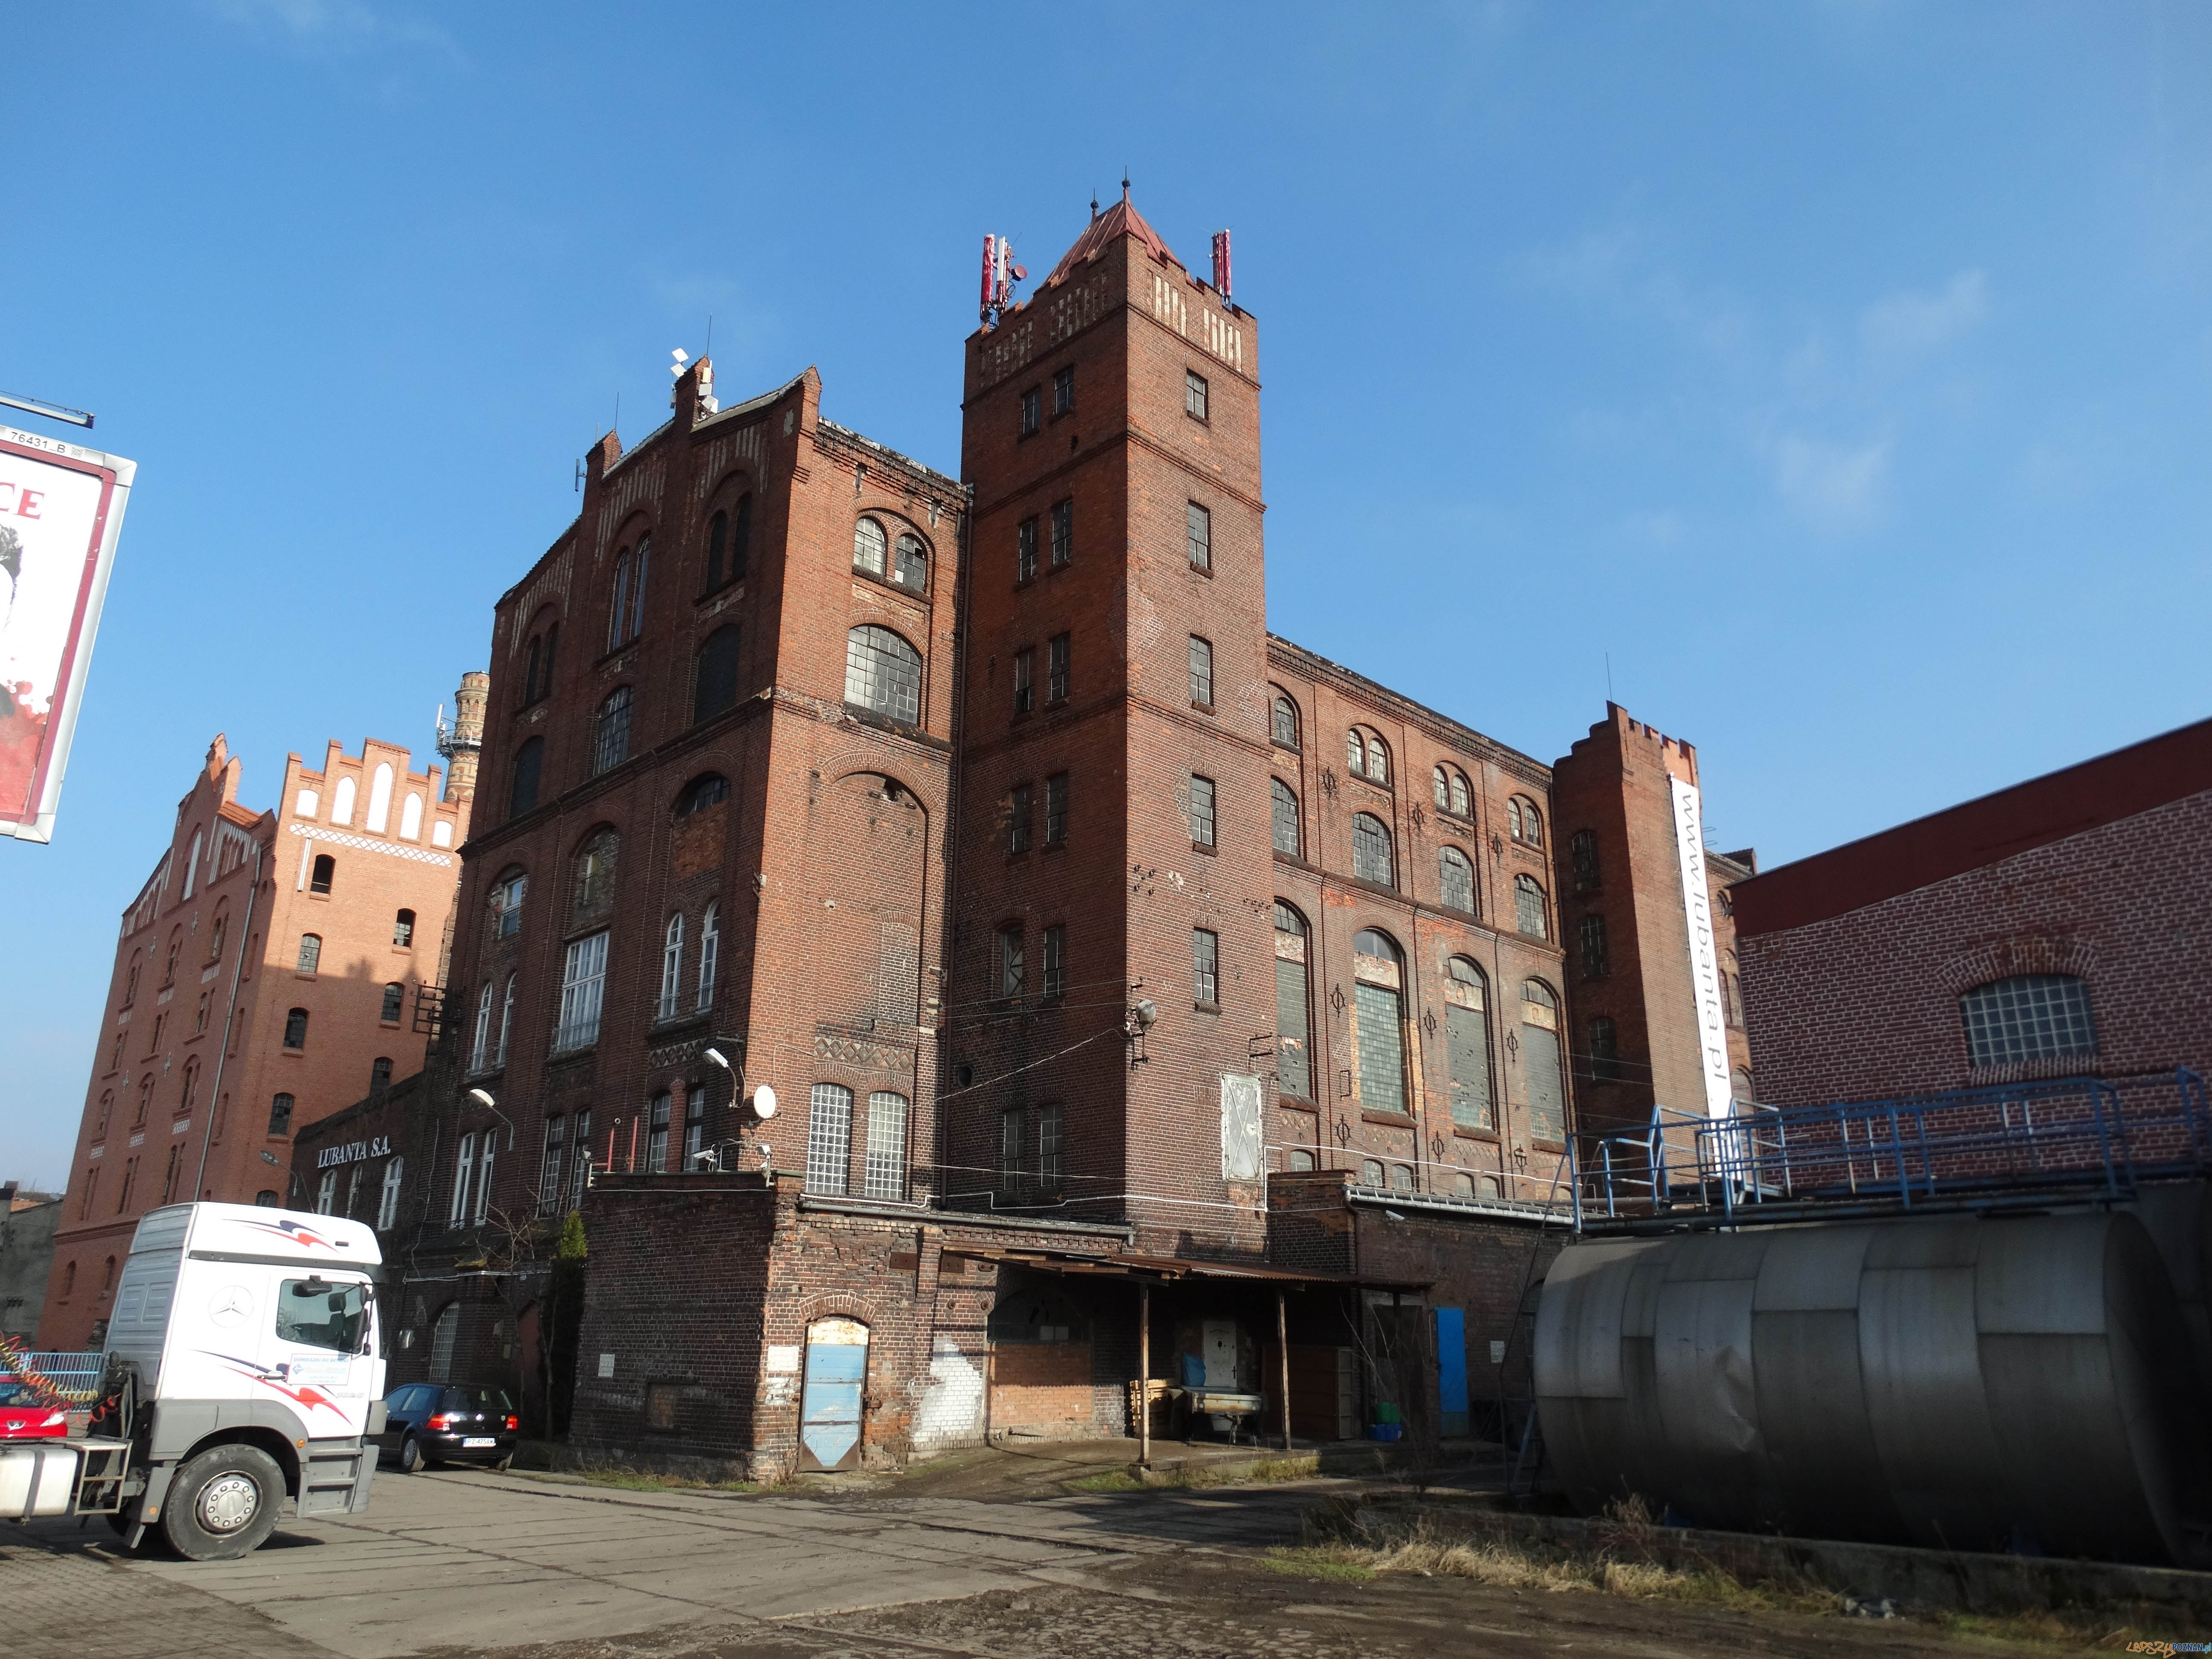 Luboński Szlak Architektury Przemysłowej - Zespół budynków dawnej fabryki drożdży 2  Foto: Luboński Szlak Architektury Przemysłowej